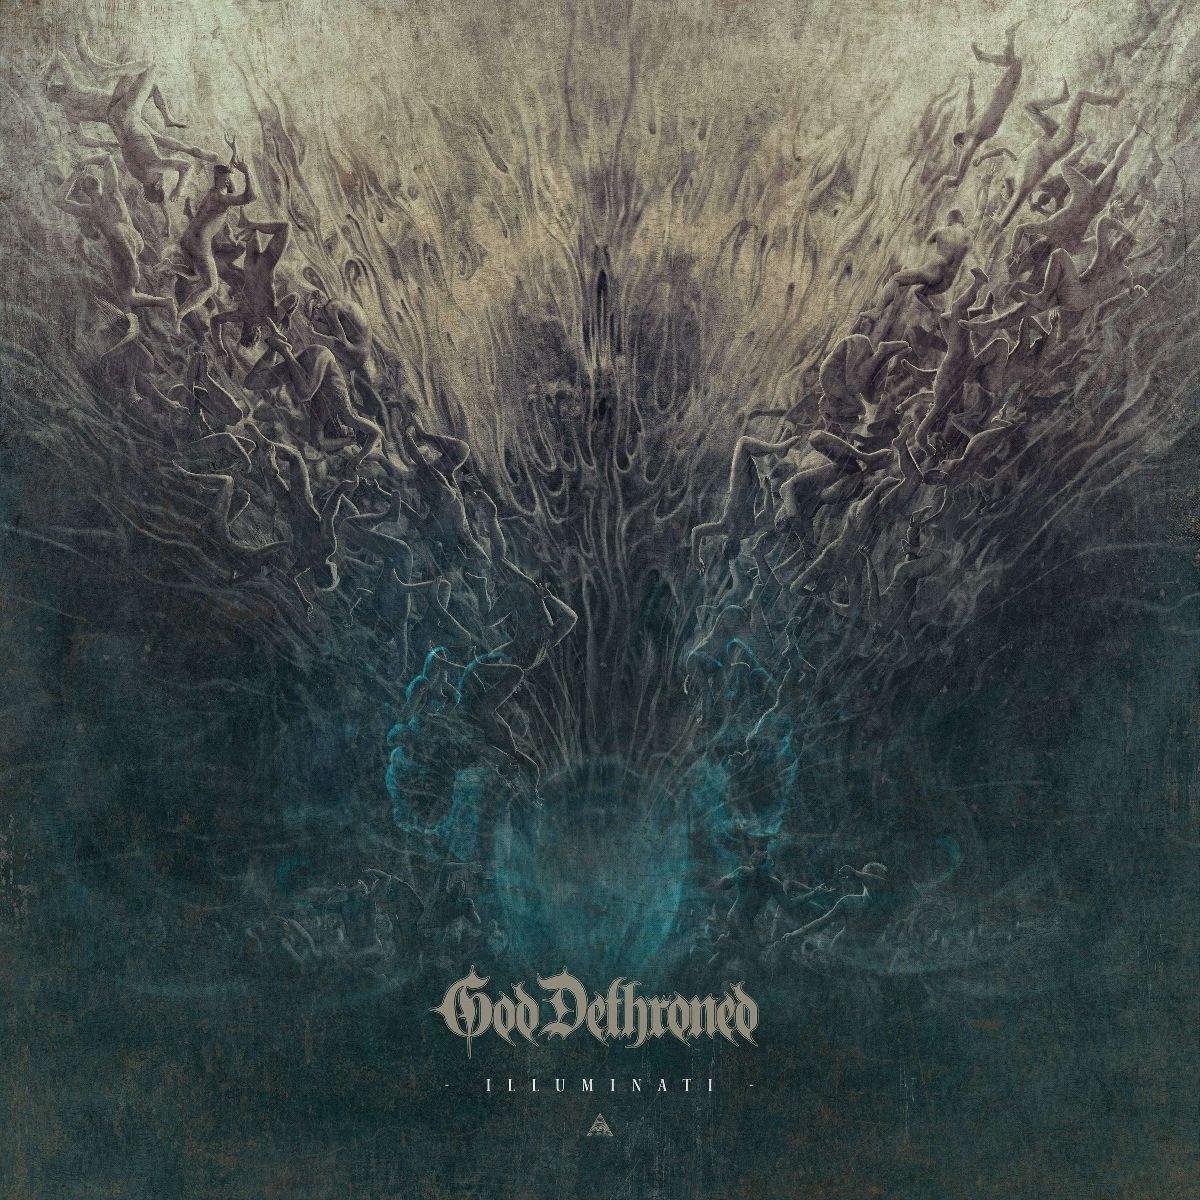 God Dethroned - Illuminati